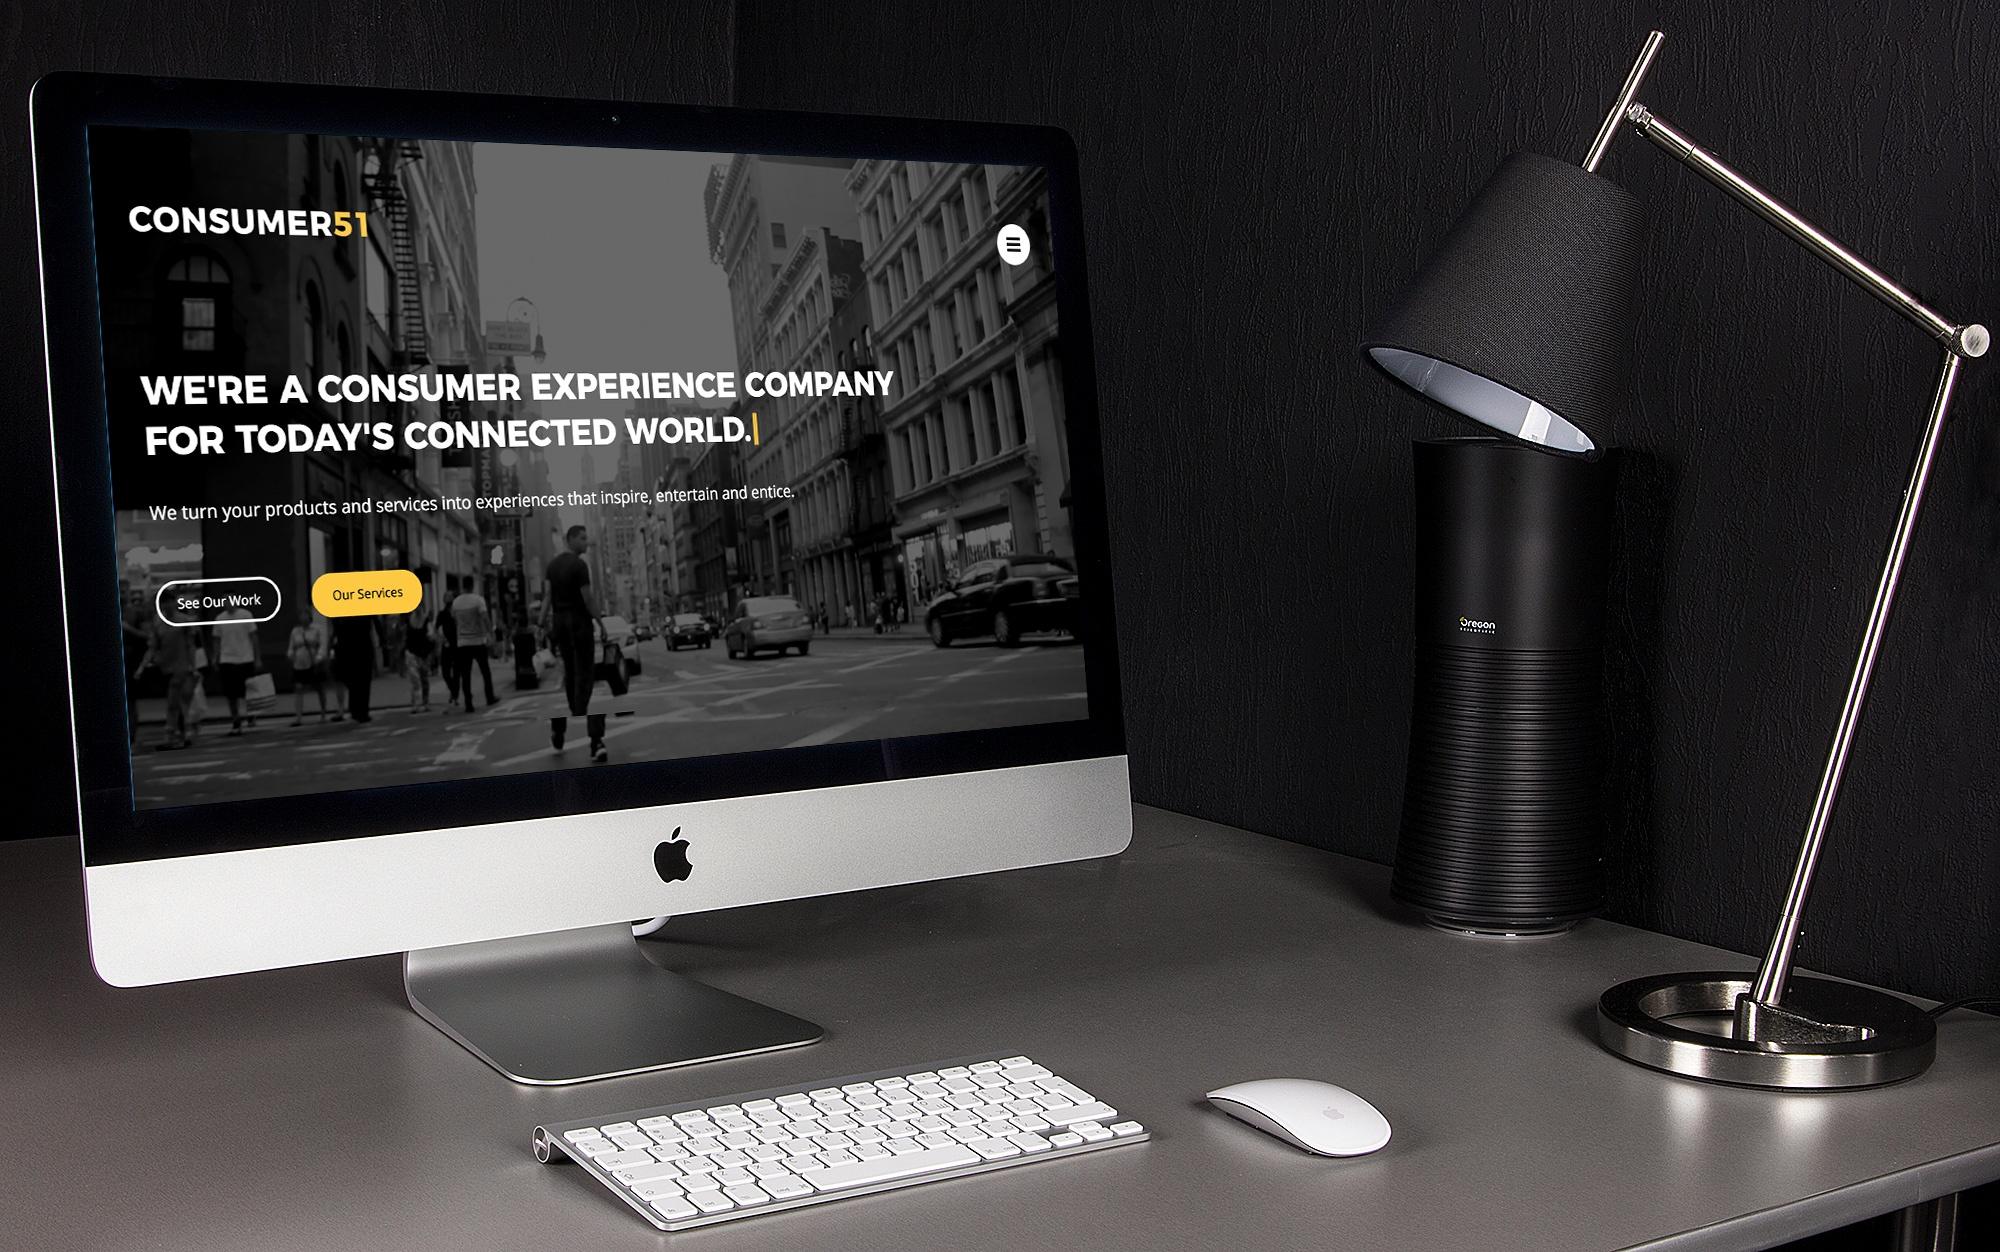 Consumer51's redesigned website